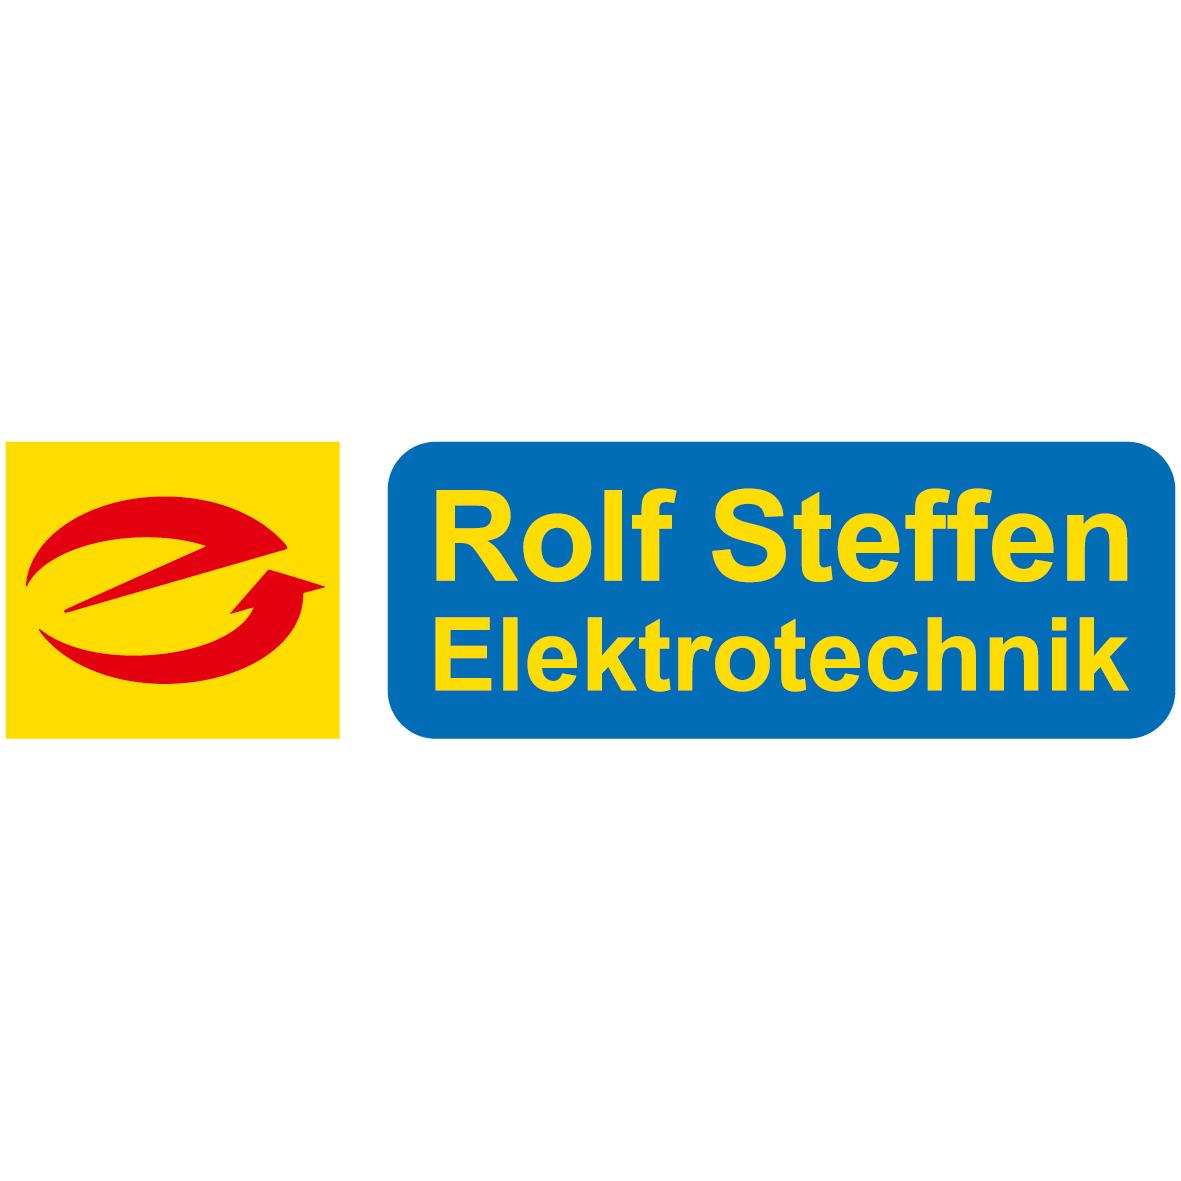 Bild zu Rolf Steffen Elektrotechnik in Bad Kreuznach